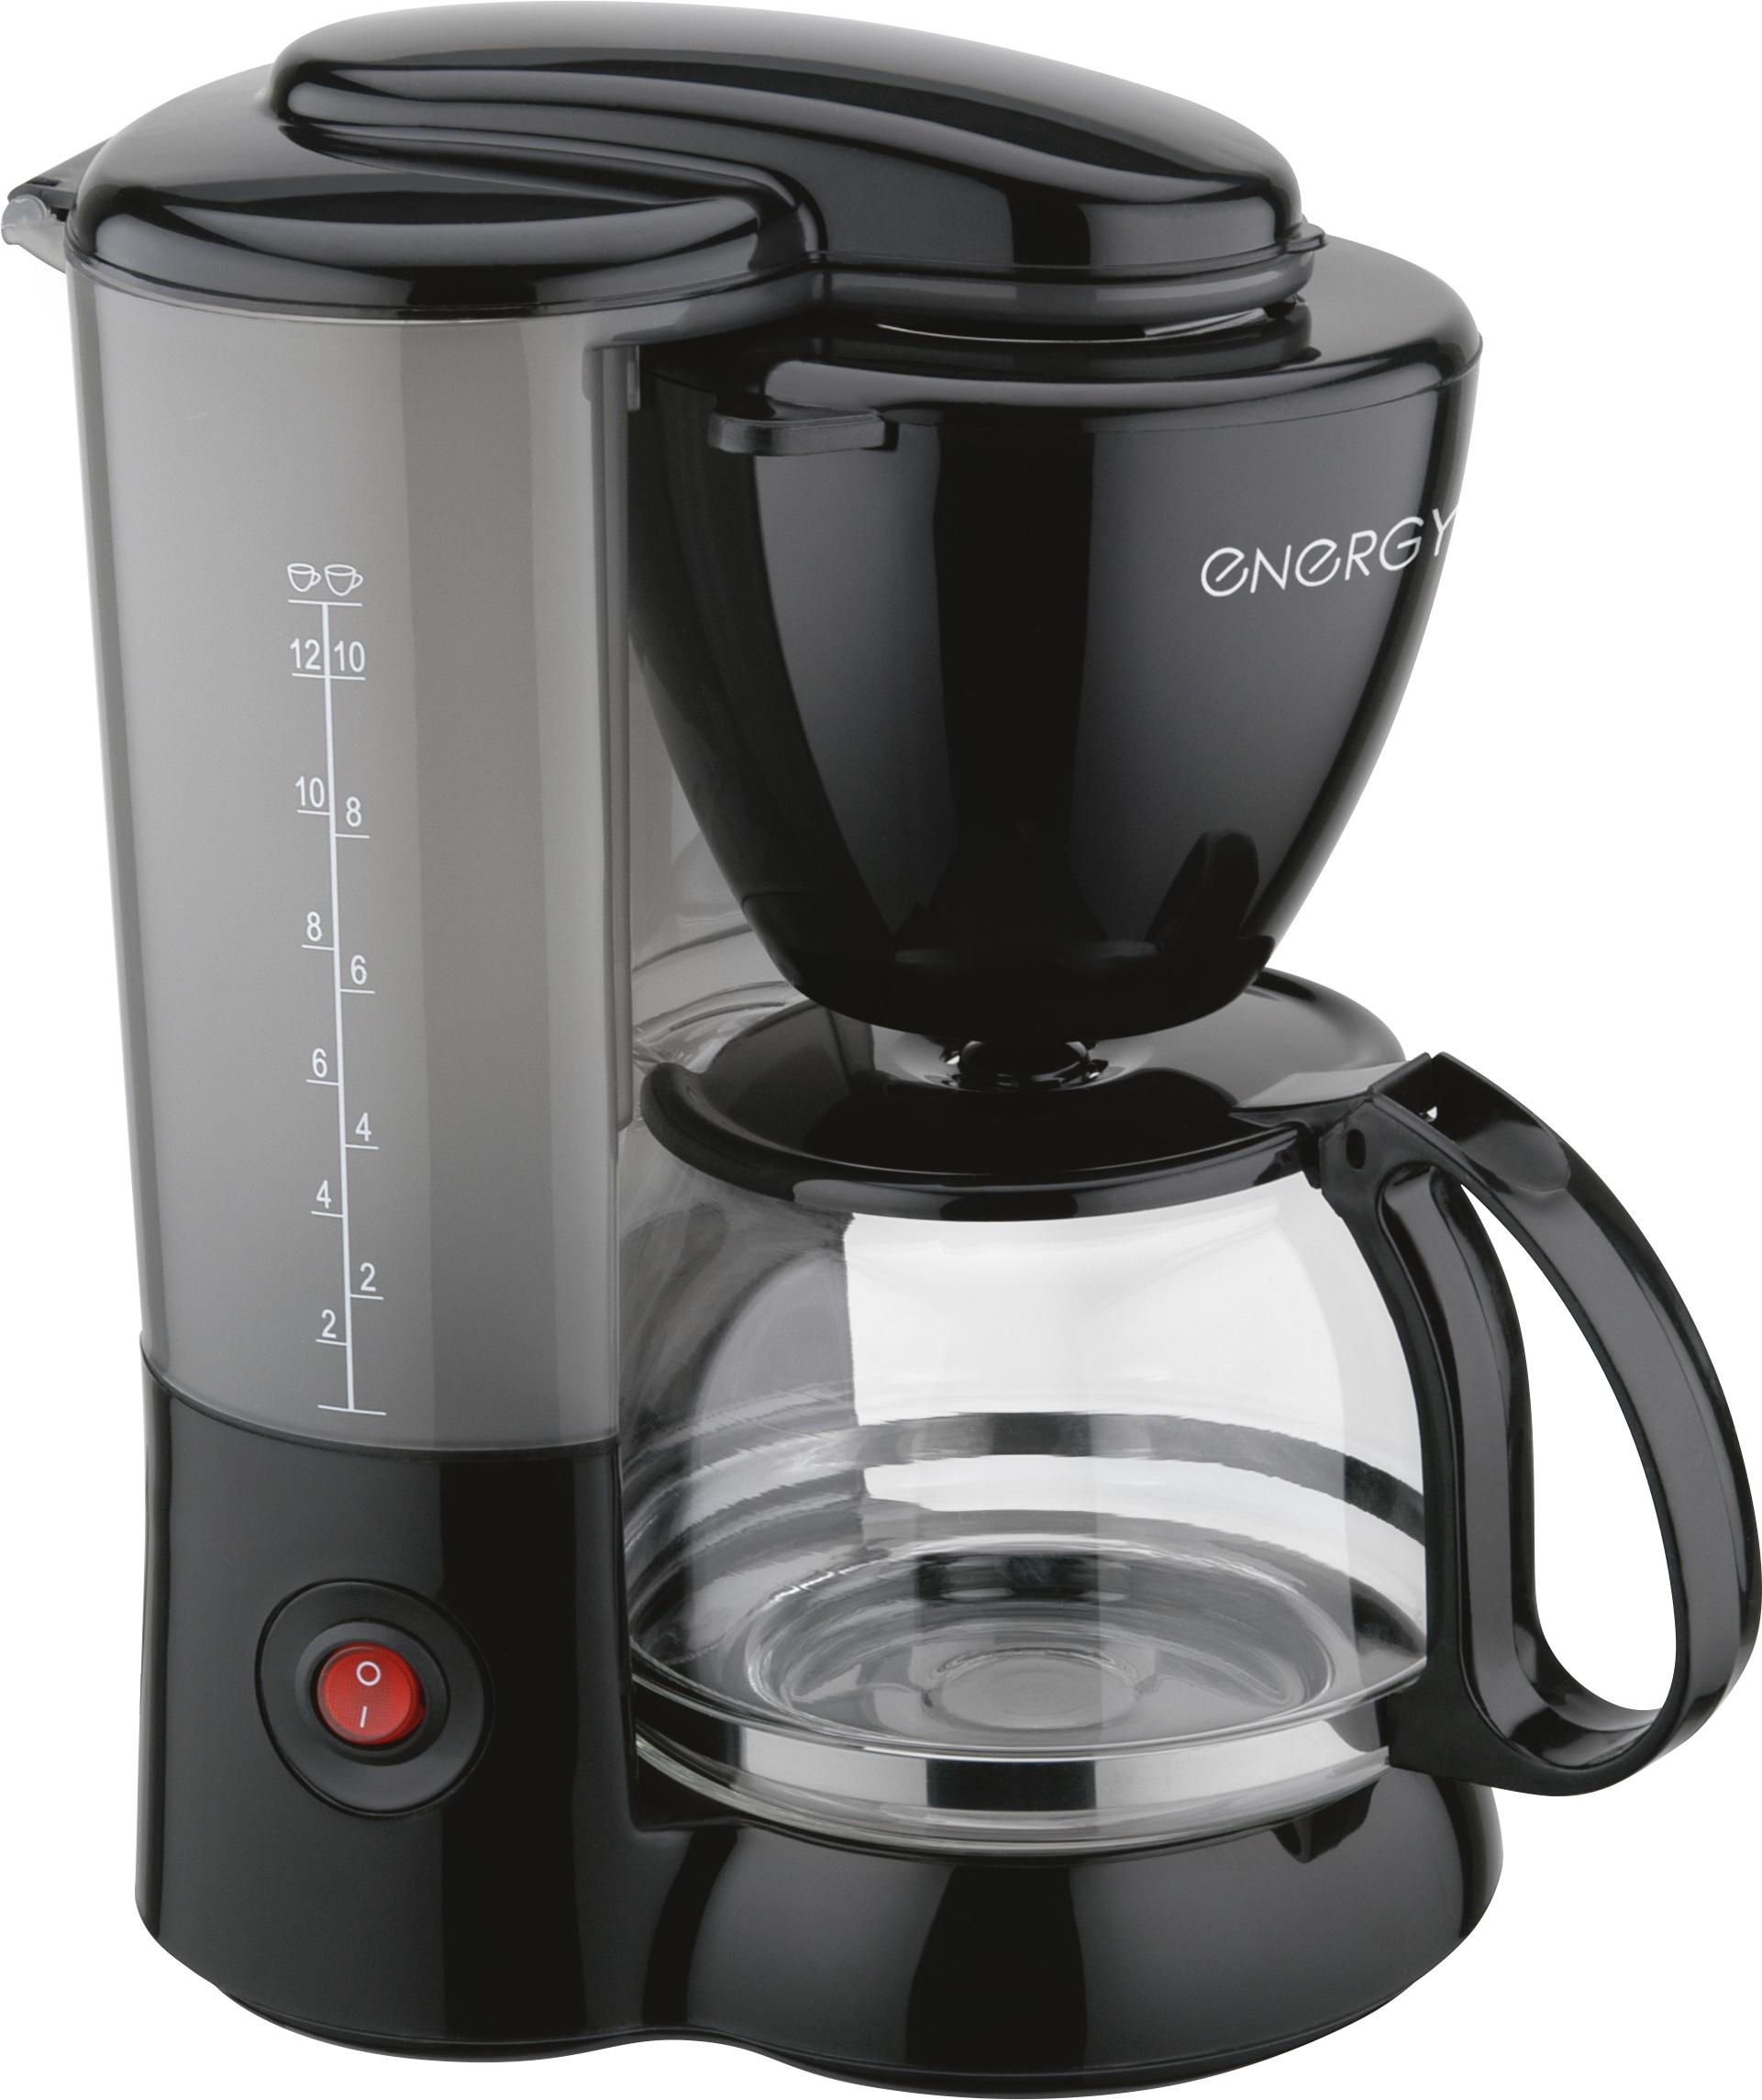 Кофеварка электрическая ENERGY EN-600, черный